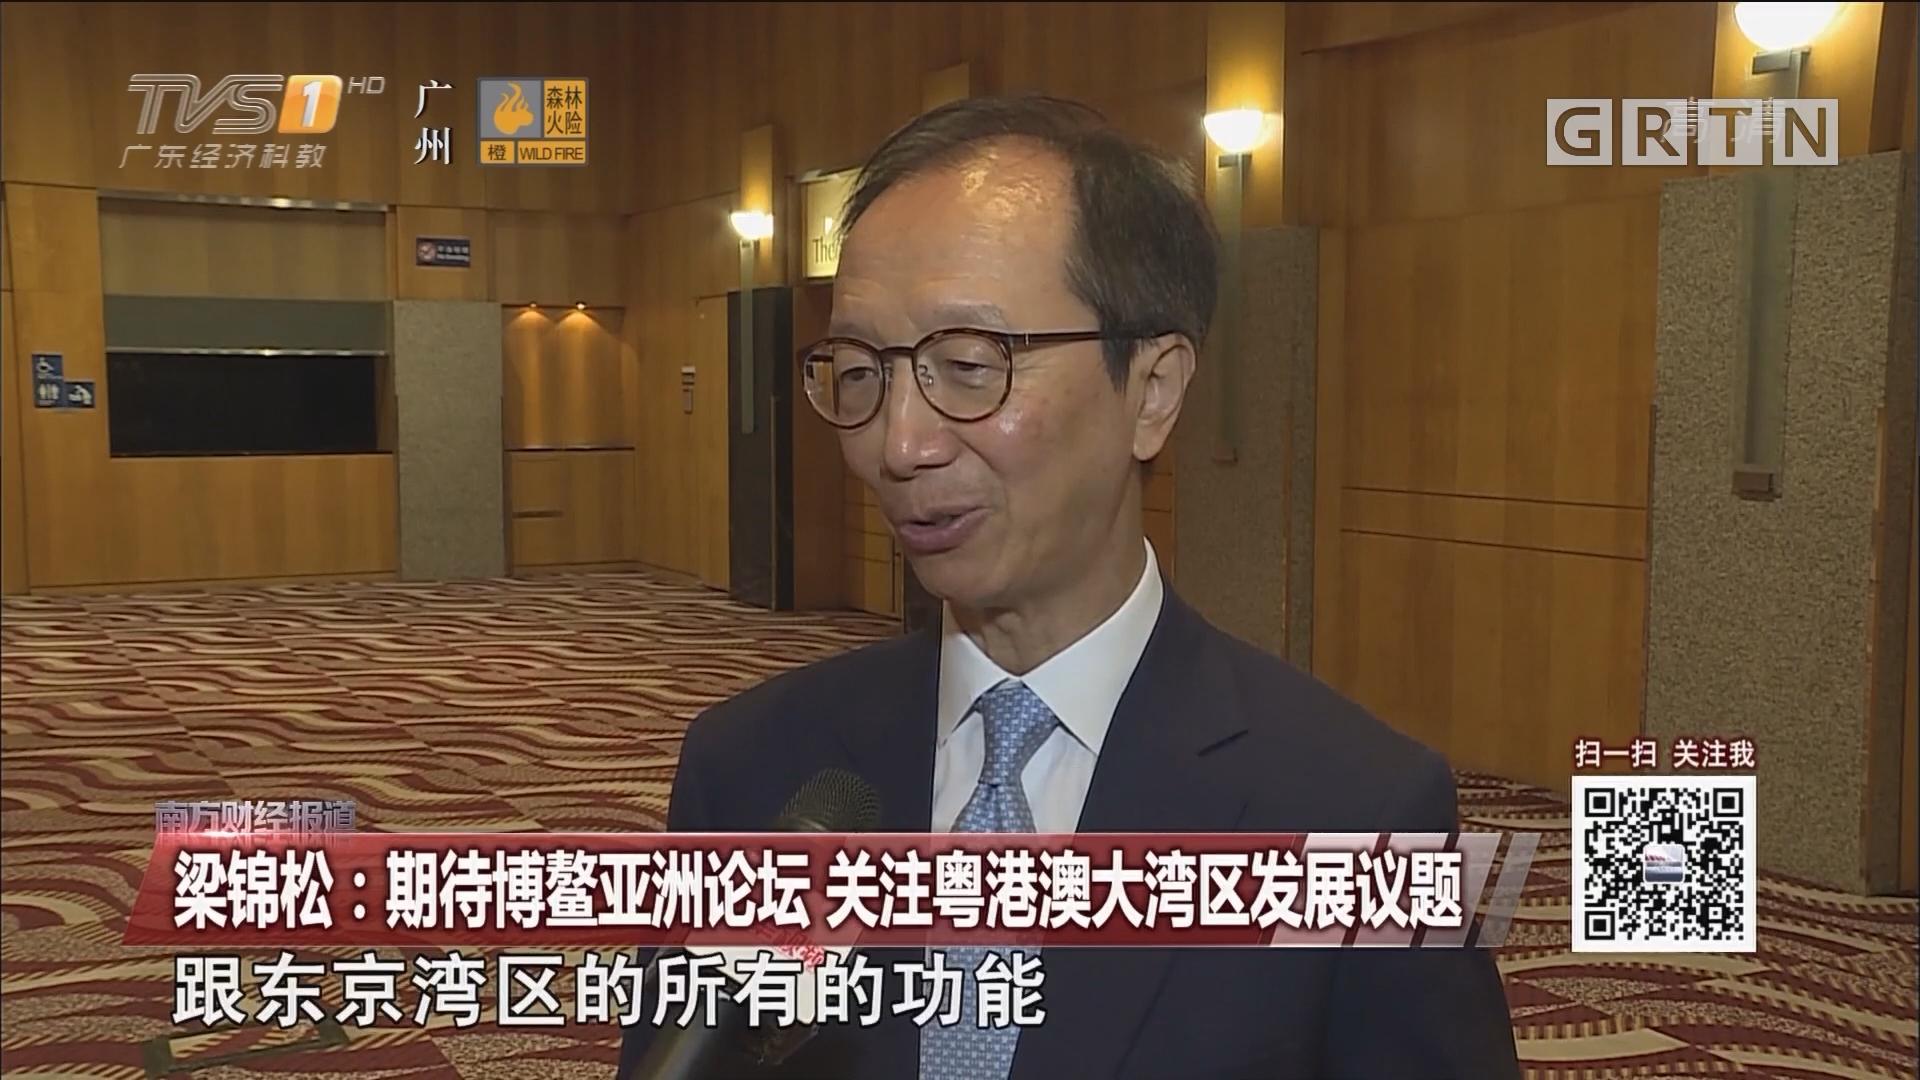 梁锦松:期待博鳌亚洲论坛 关注粤港澳大湾区发展议题